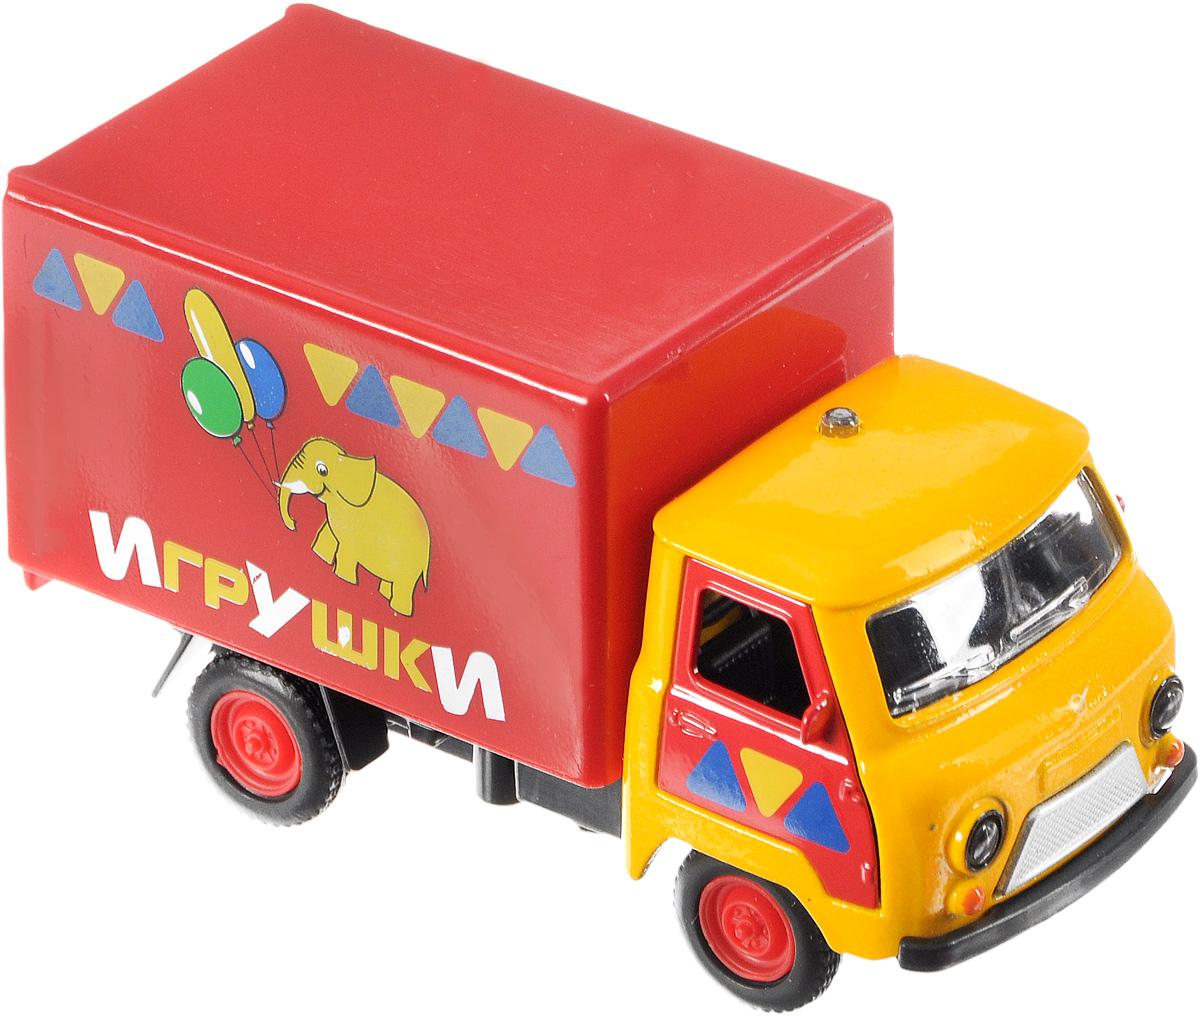 ТехноПарк Грузовик УАЗ-3303 ИгрушкиCT10-107-3Инерционная машина ТехноПарк УАЗ-3303 Игрушки, выполненная из безопасного металла и пластика, станет любимой игрушкой вашего малыша. У неё открываются двери водительской кабины и двери фургона, светятся фары и производится реалистичный звук работающего двигателя. Фургон украшен красочной картинкой. Машина оснащена инерционным ходом. Машинку необходимо немного подтолкнуть вперед или назад, а затем отпустить - и она быстро поедет в том же направлении. Прорезиненные колеса обеспечивают надежное сцепление с любой поверхностью пола. Ваш ребенок будет часами играть с этой машинкой, придумывая различные истории. Порадуйте его таким замечательным подарком! Для работы игрушки необходимо докупить 3 батарейки напряжением 1,5V типа LR41 (товар комплектуется демонстрационными).